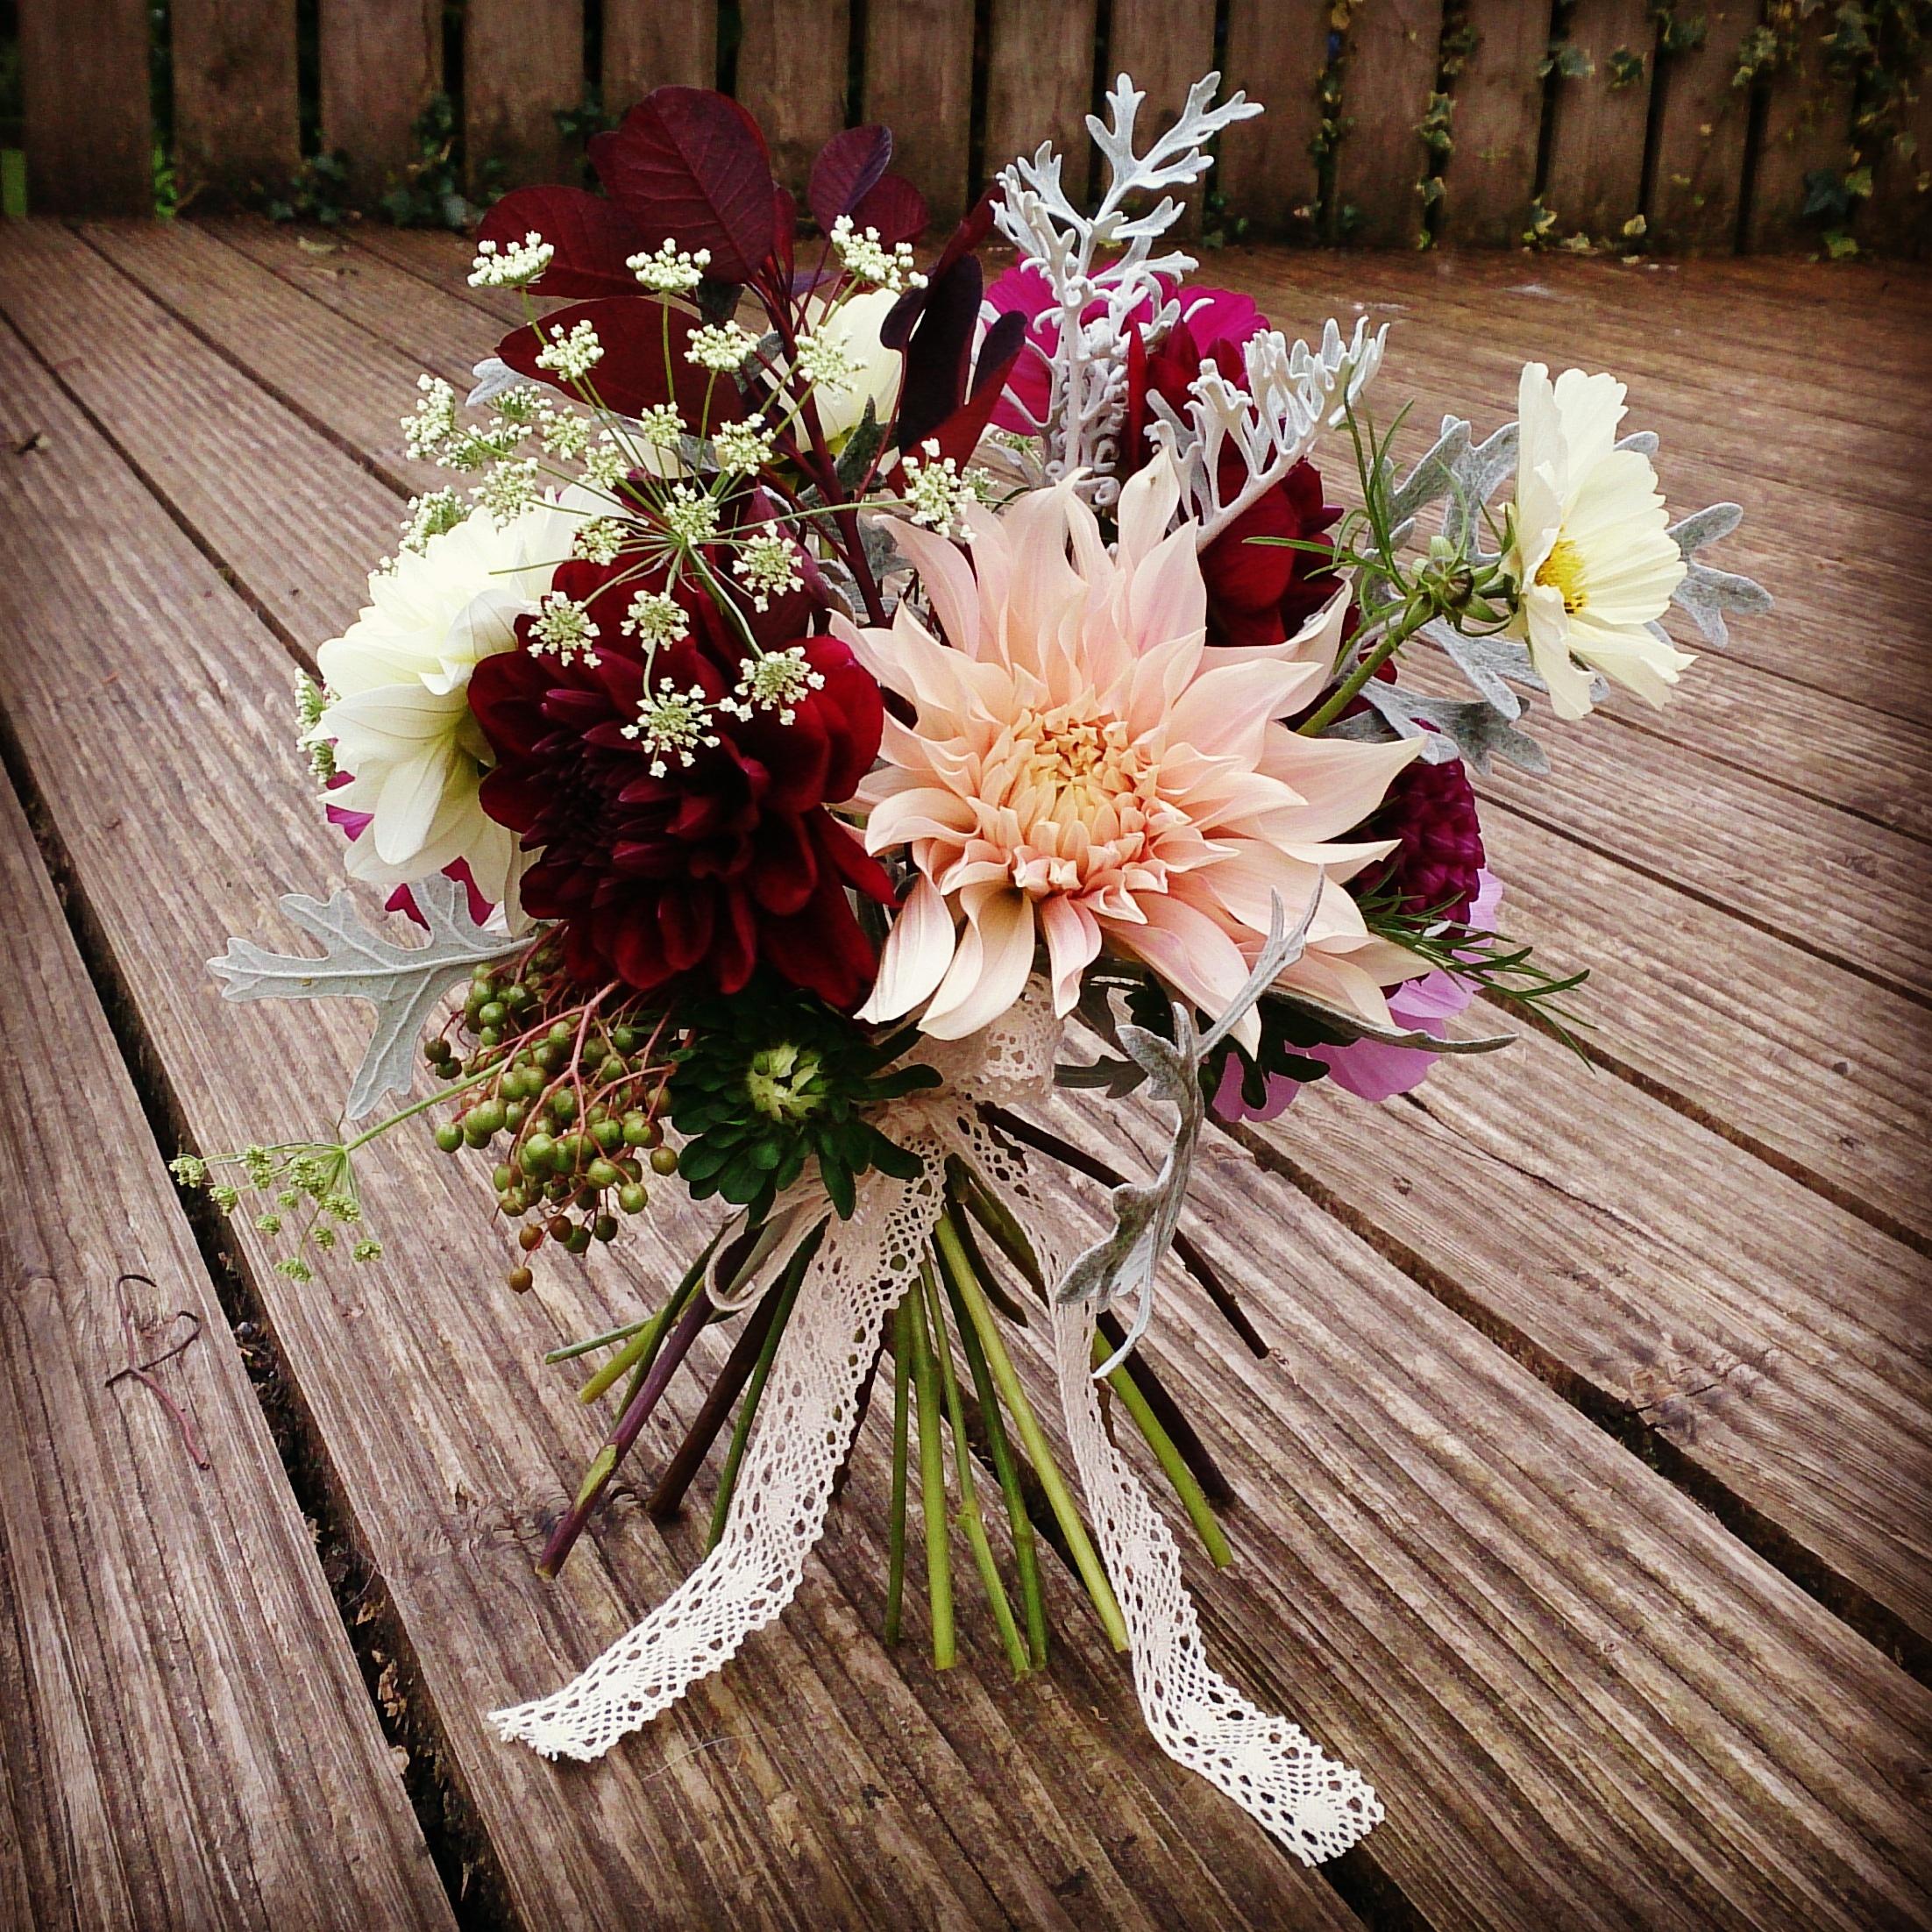 2015 Ditsy Floral Design: Ditsy Floral Design